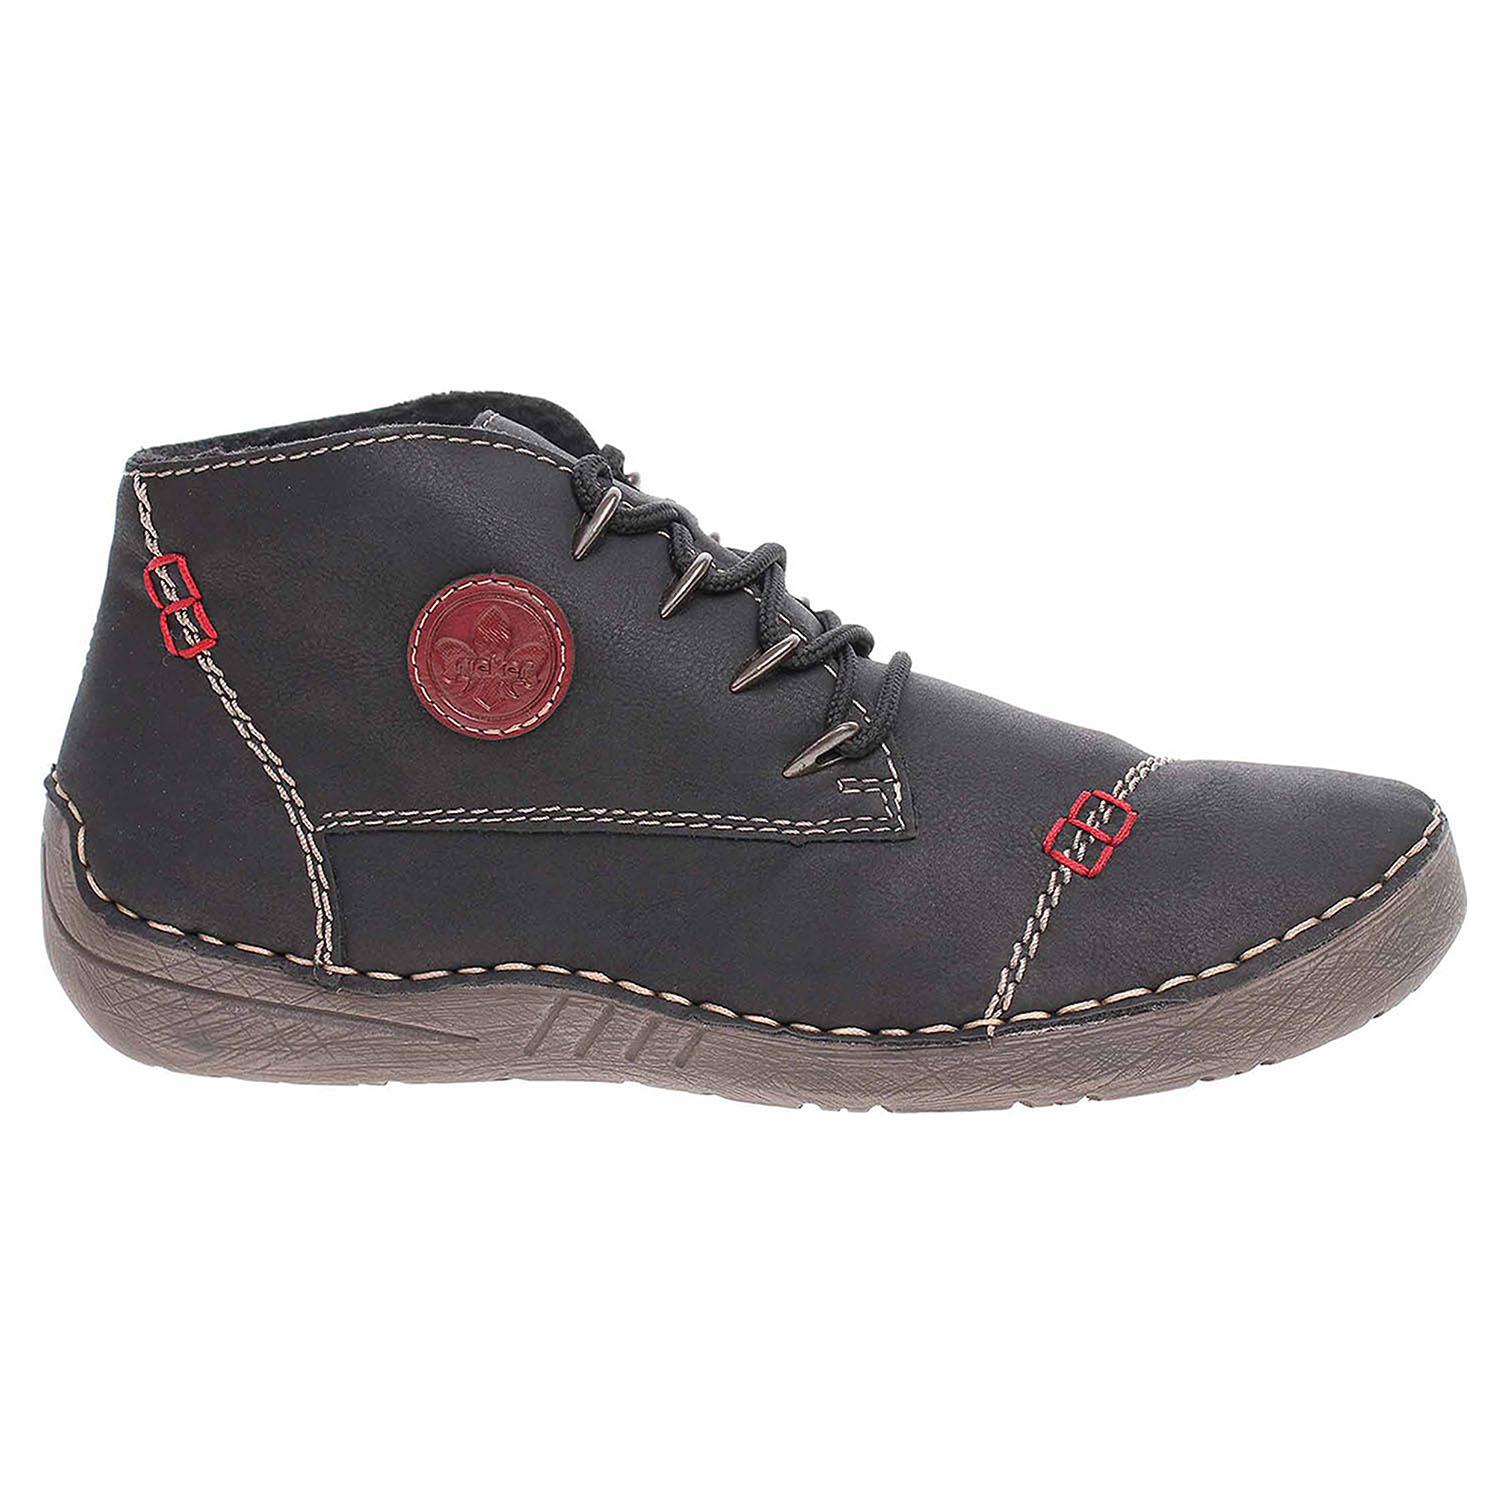 Dámská kotníková obuv Rieker 52502-00 schwarz 52502-00 39